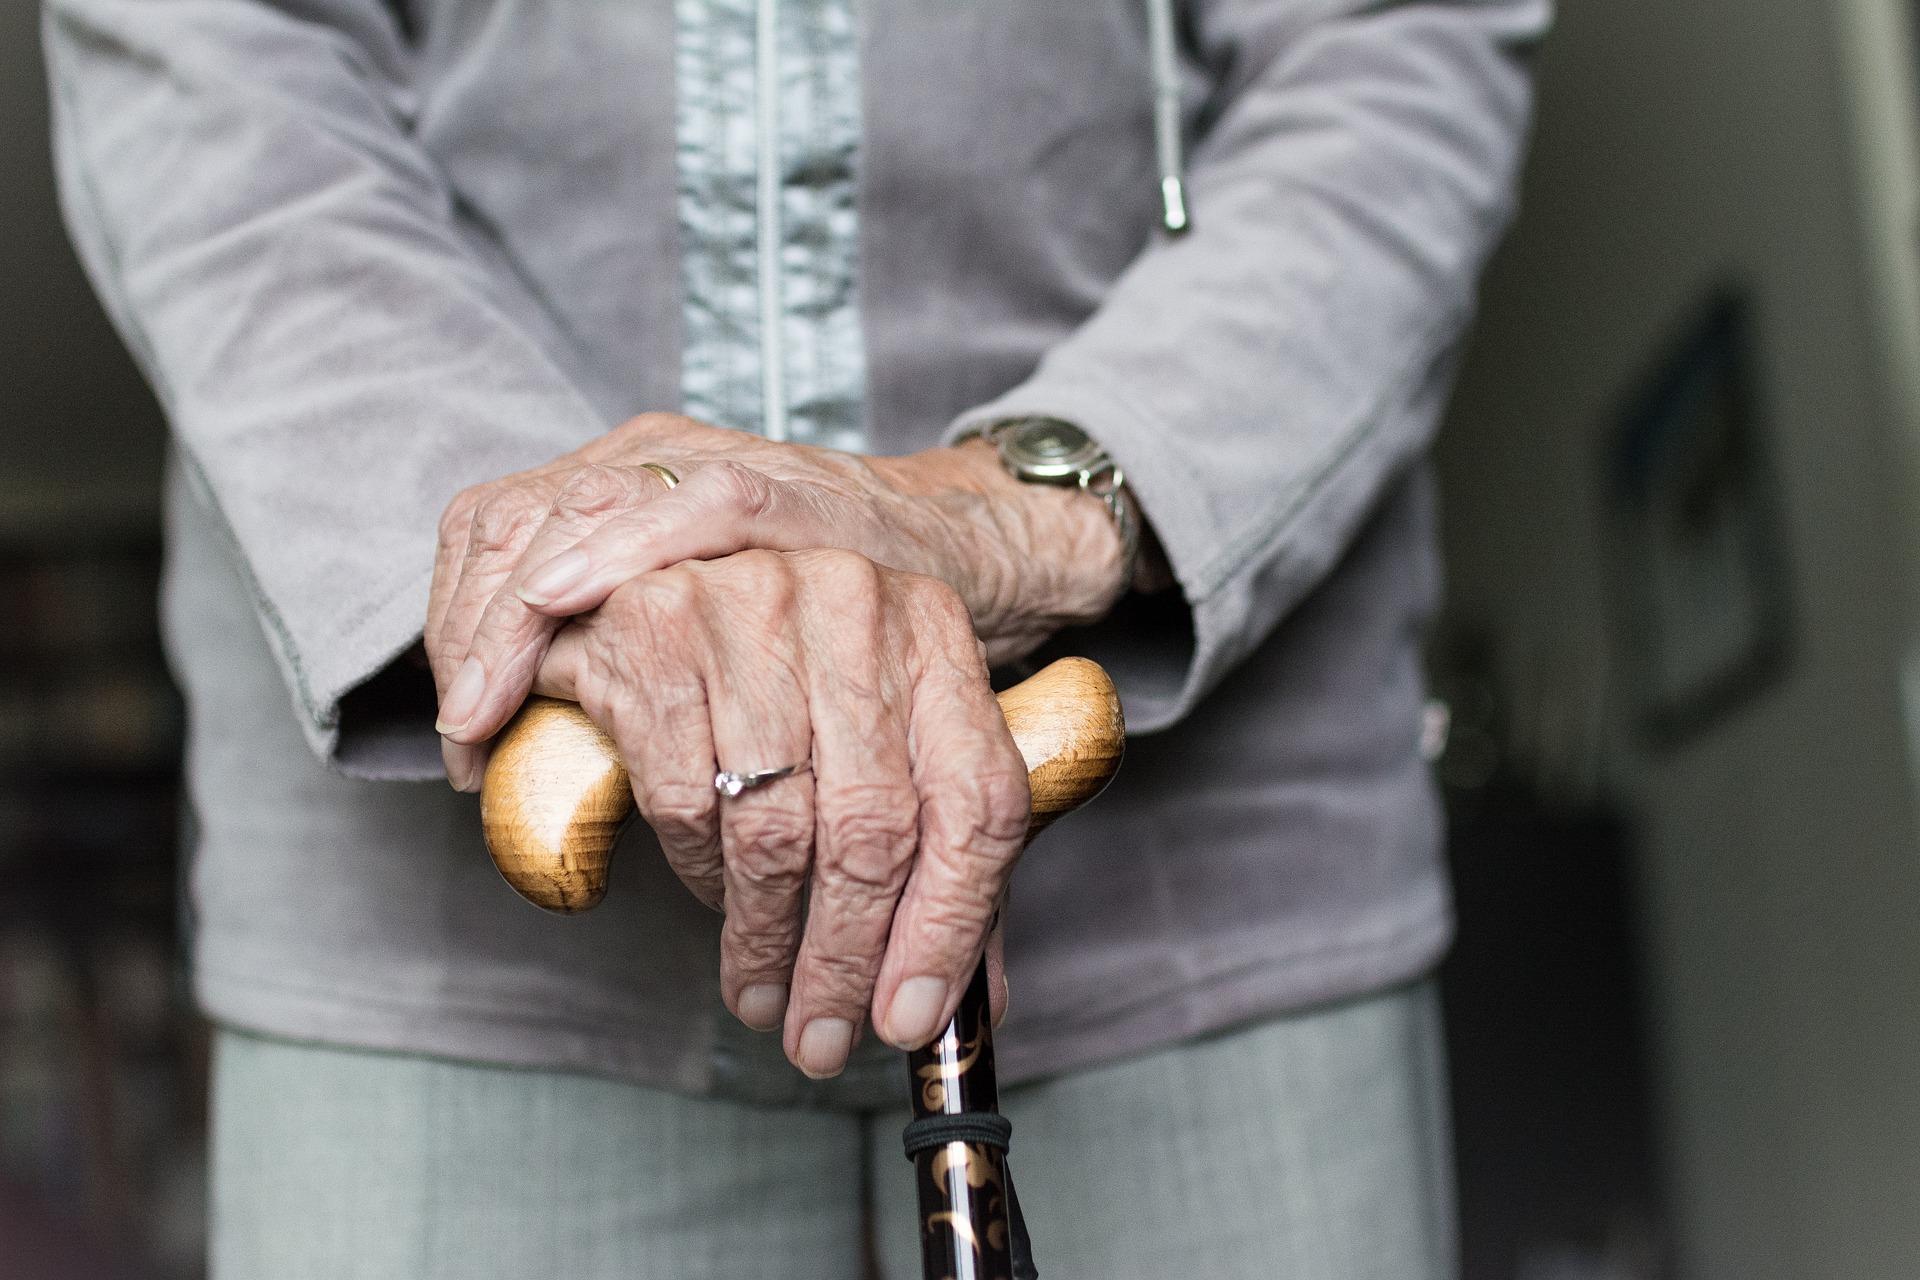 Duschsitz Senioren - 30 Sitze Senioren!